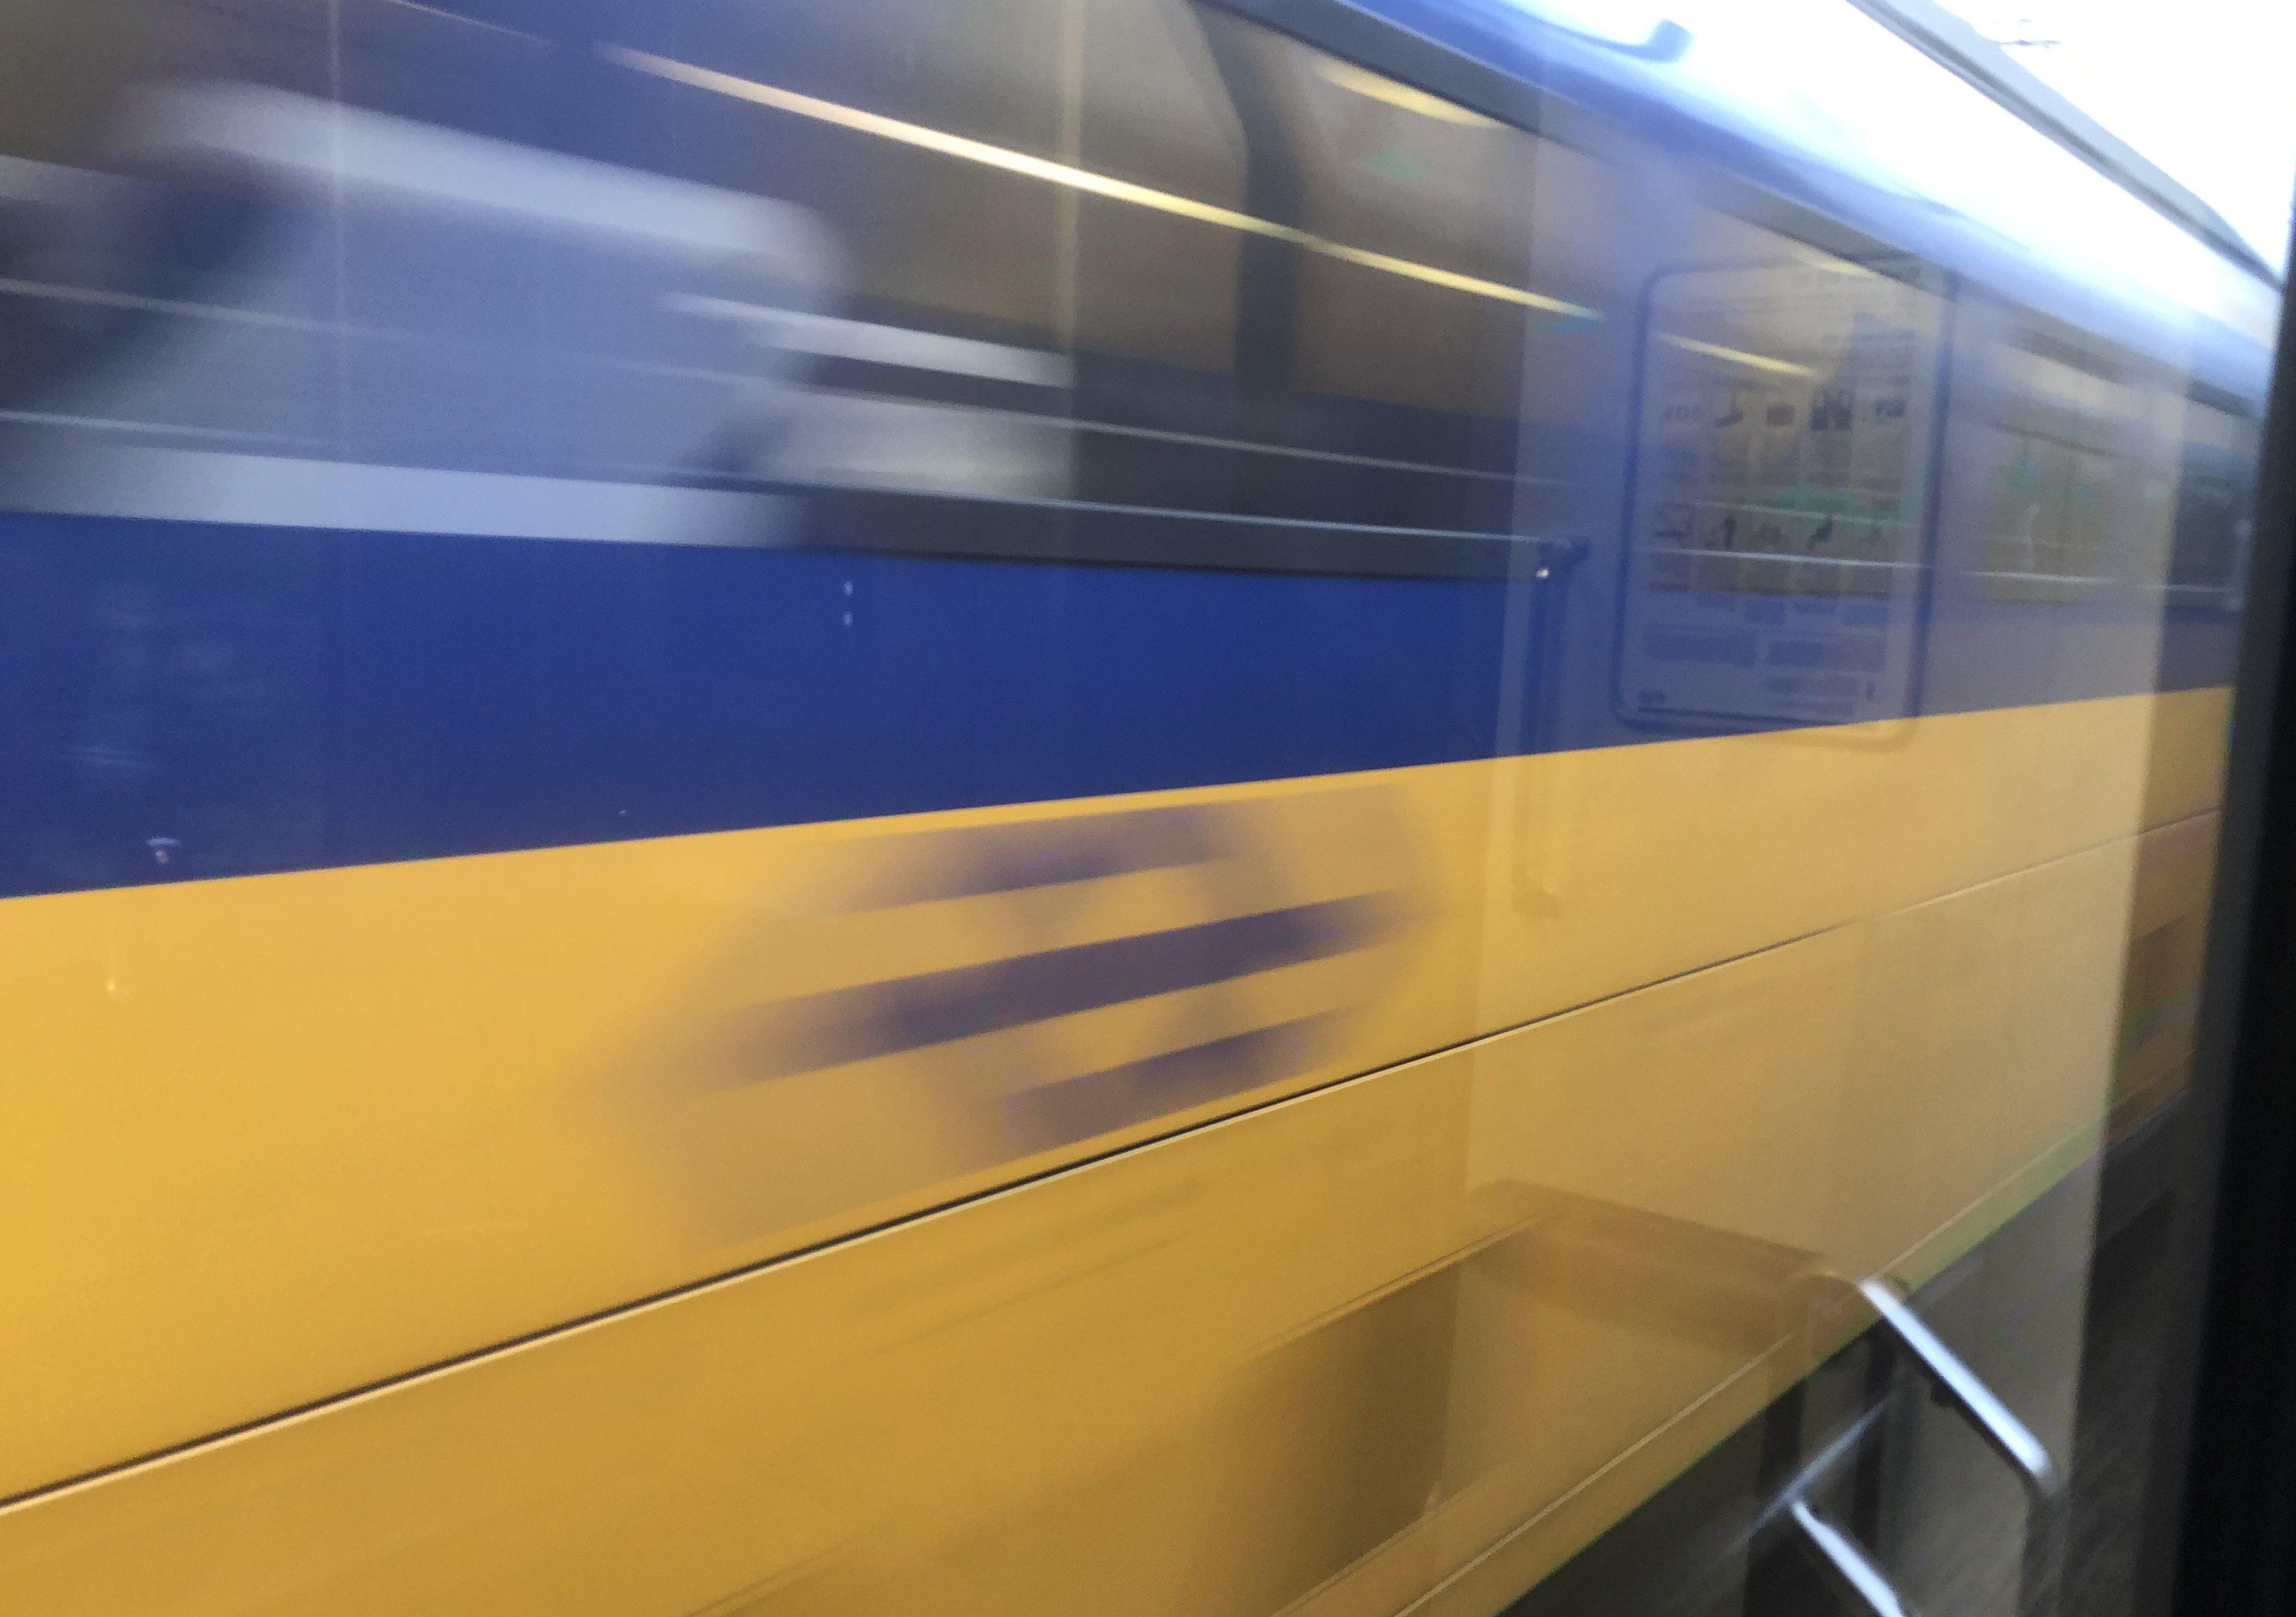 Treinblog: De trein rijdt weg